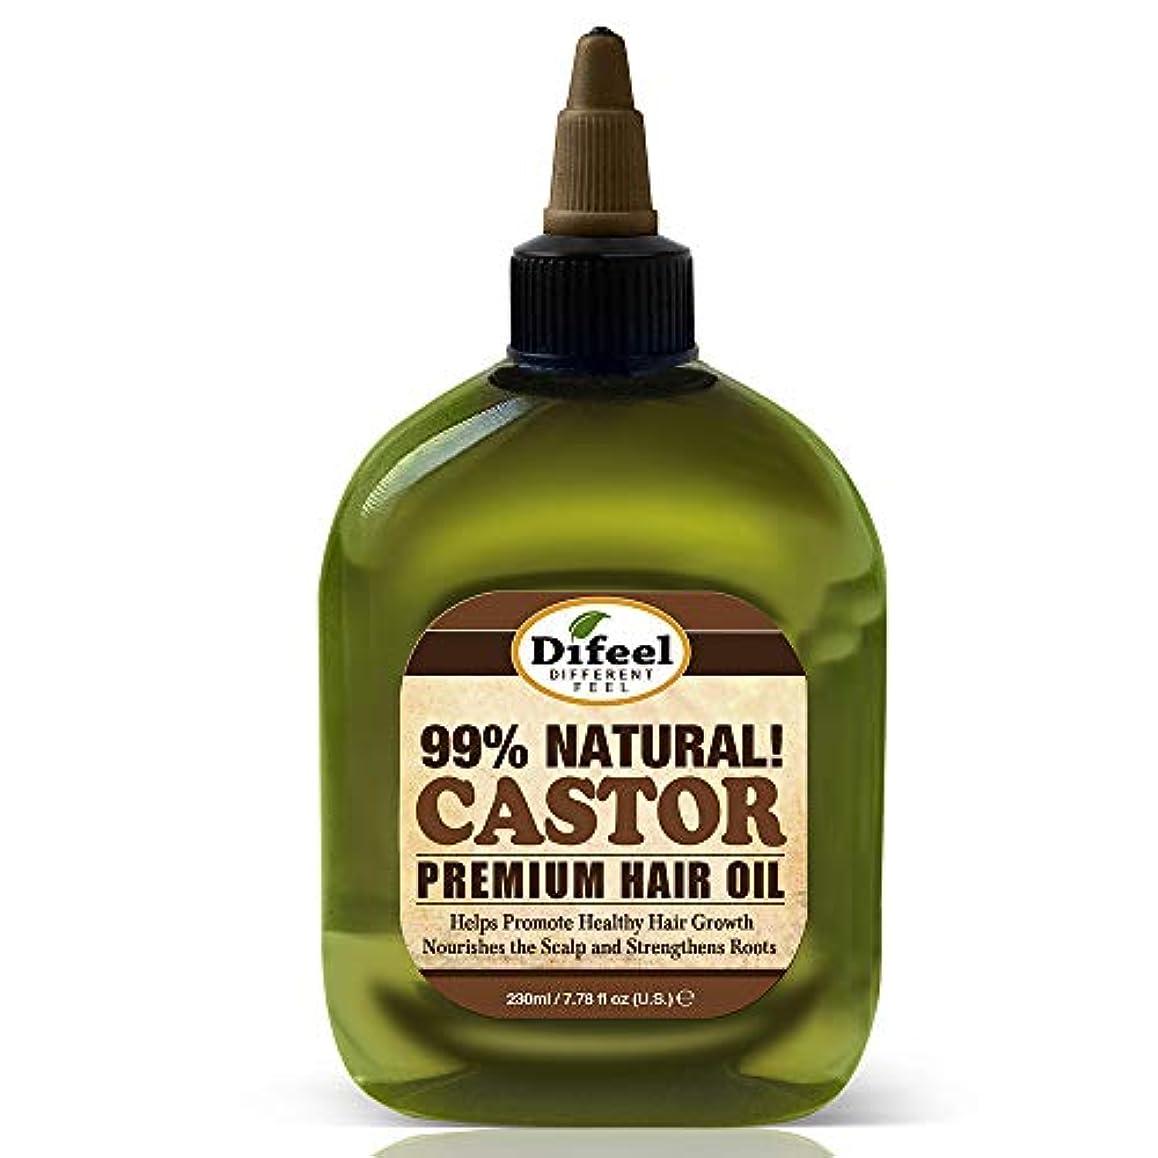 クスクス日不注意ディーゼルプレミアムナチュラルヘアオイル - ヒマシ油8オンス。